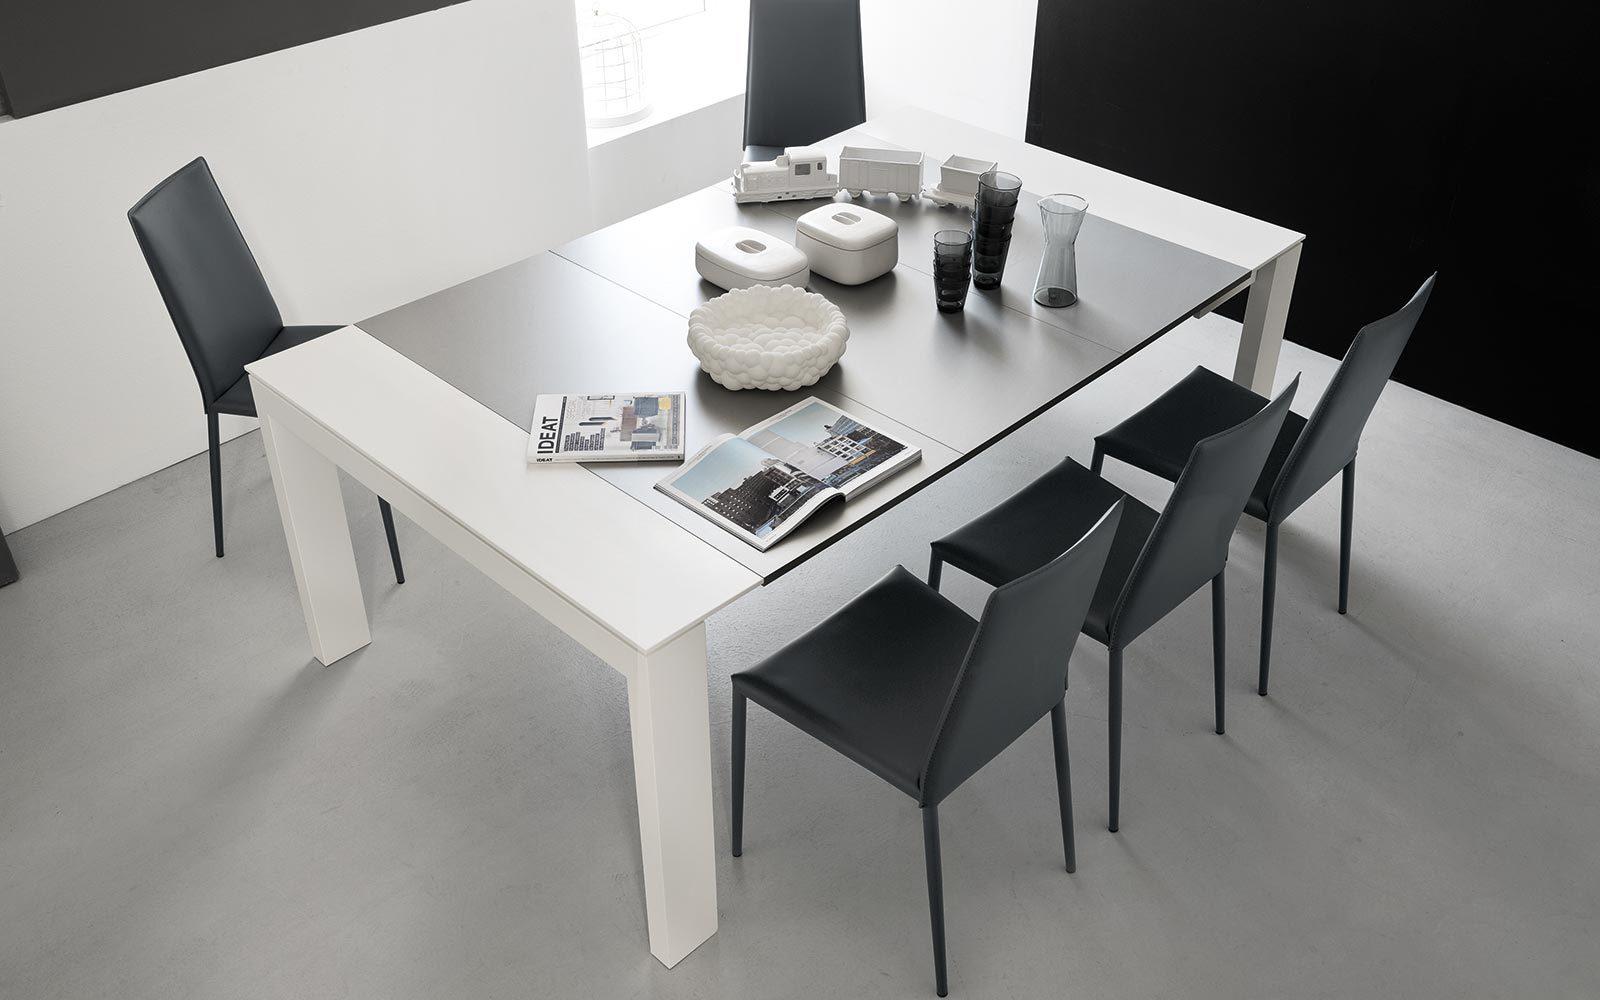 Connubia calligaris sigma consolle cb 4069 xll 100 table for Calligaris tavoli